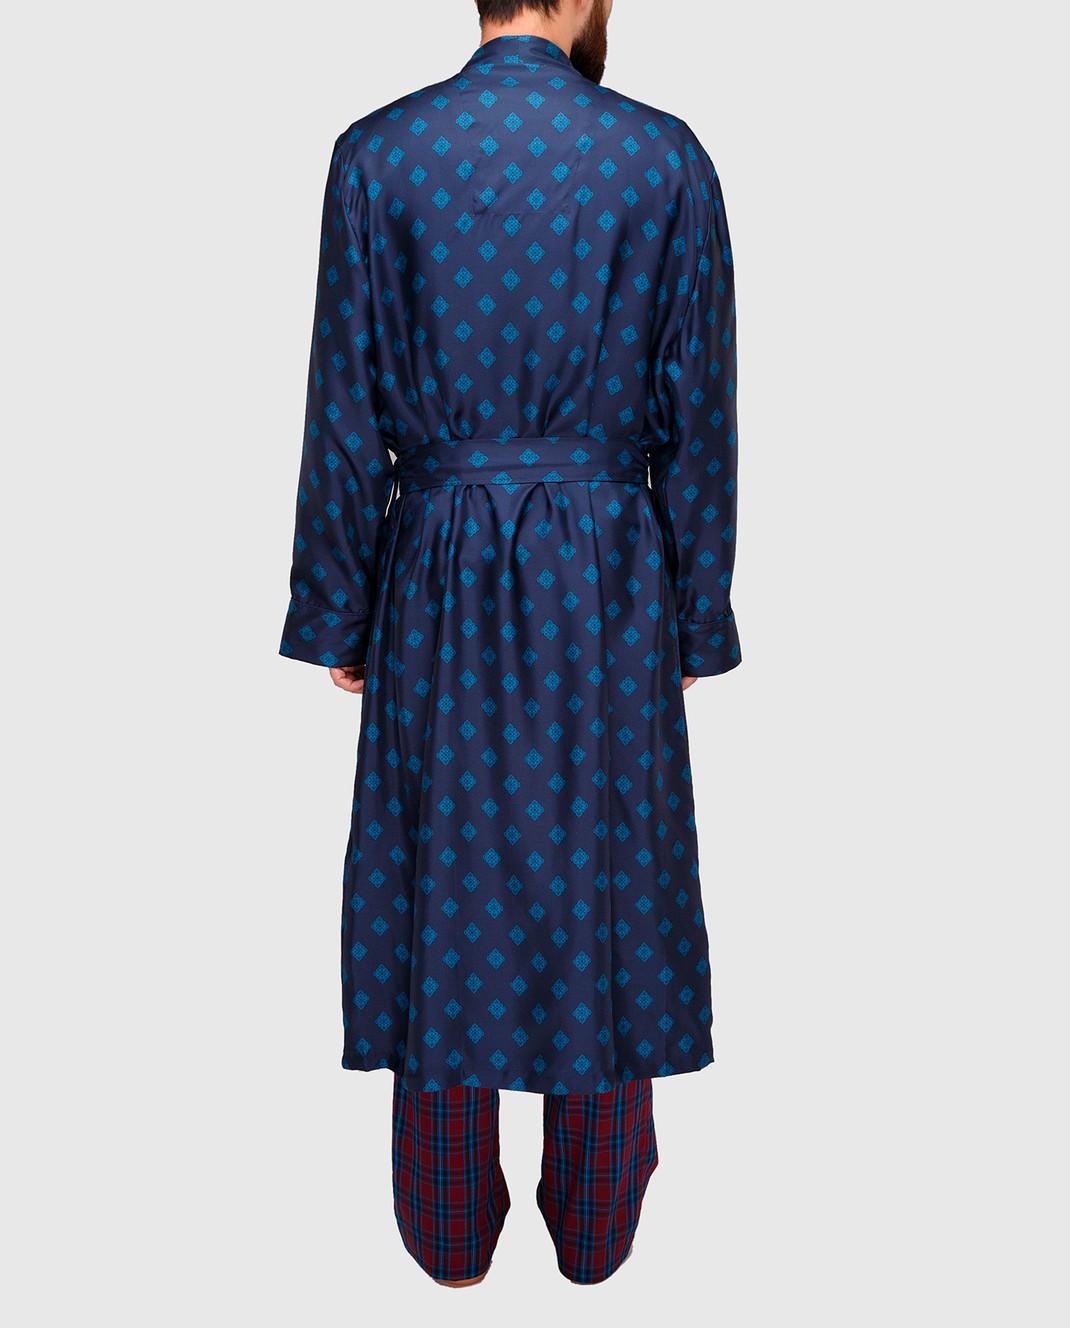 Derek Rose Темно-синий халат из шелка 5535OTIS011 изображение 4